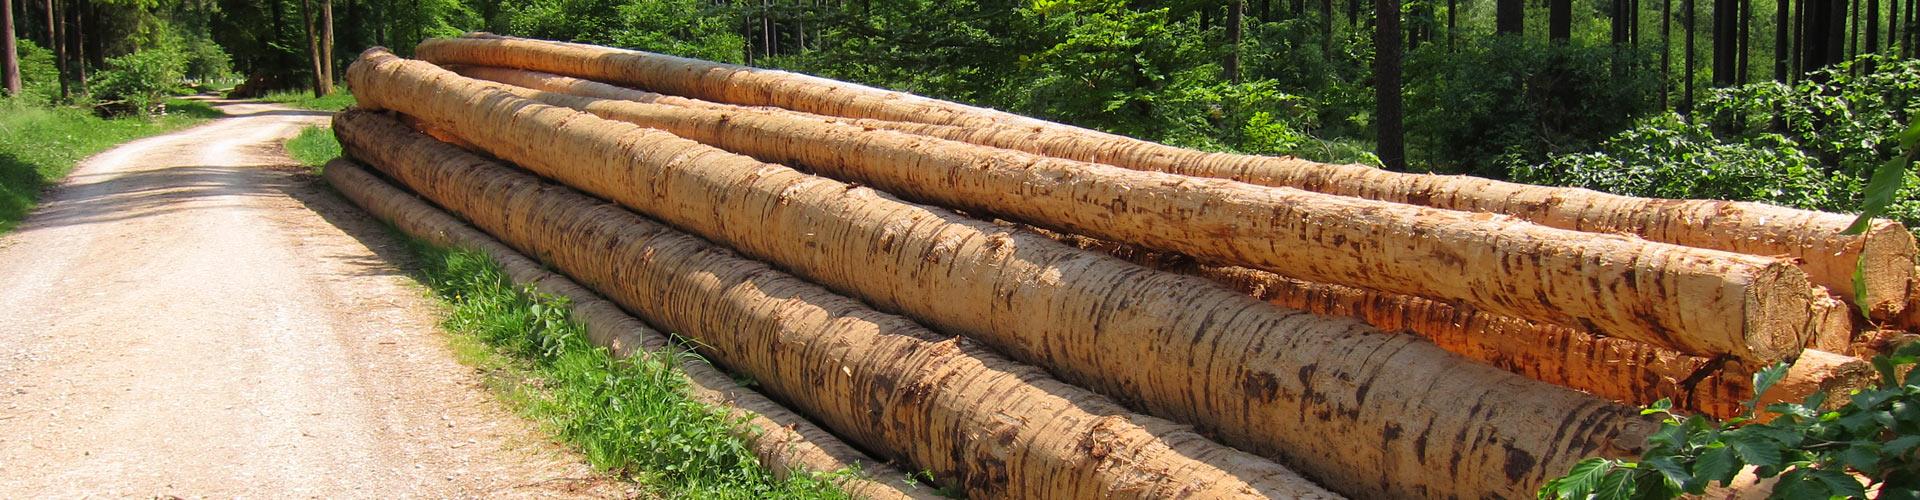 Holzverkauf Fbg